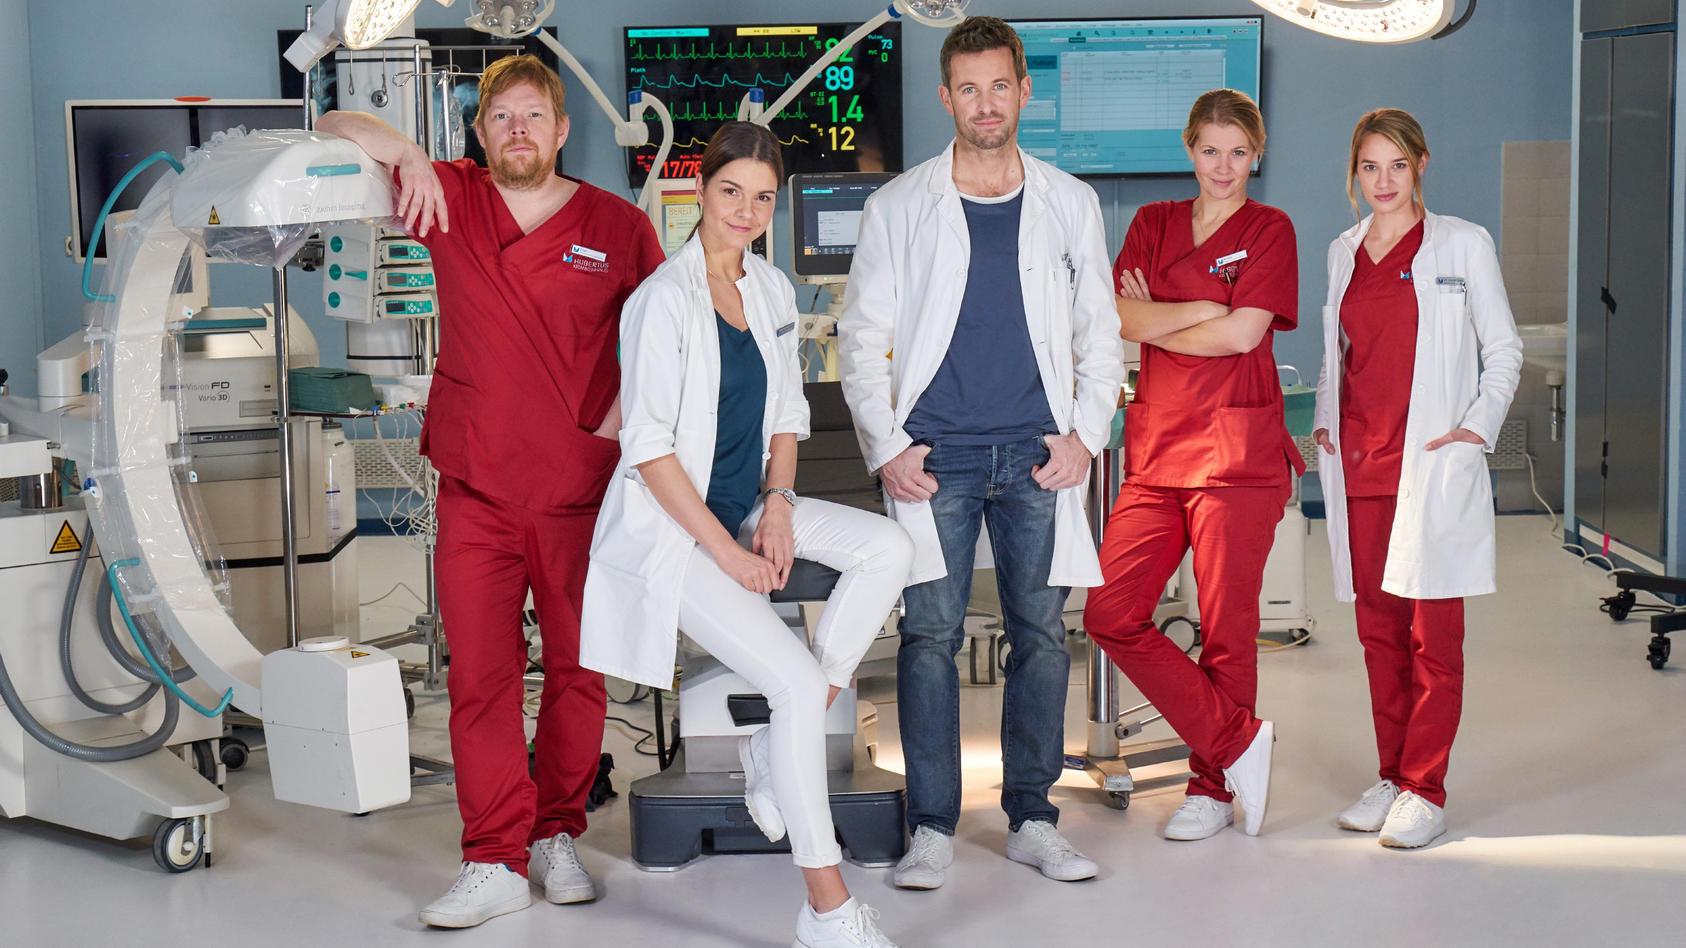 """Der Cast von """"Lifelines"""" v.l.: Elias Wadowski (Oliver Bröcker), Laura Seifert (Susan Hoecke), Alex Rode (Jan Hartmann), Schwester Annika (Tina Amon Amonsen), Dr. Caro Diehl (Jytte-Merle Böhrnsen)"""